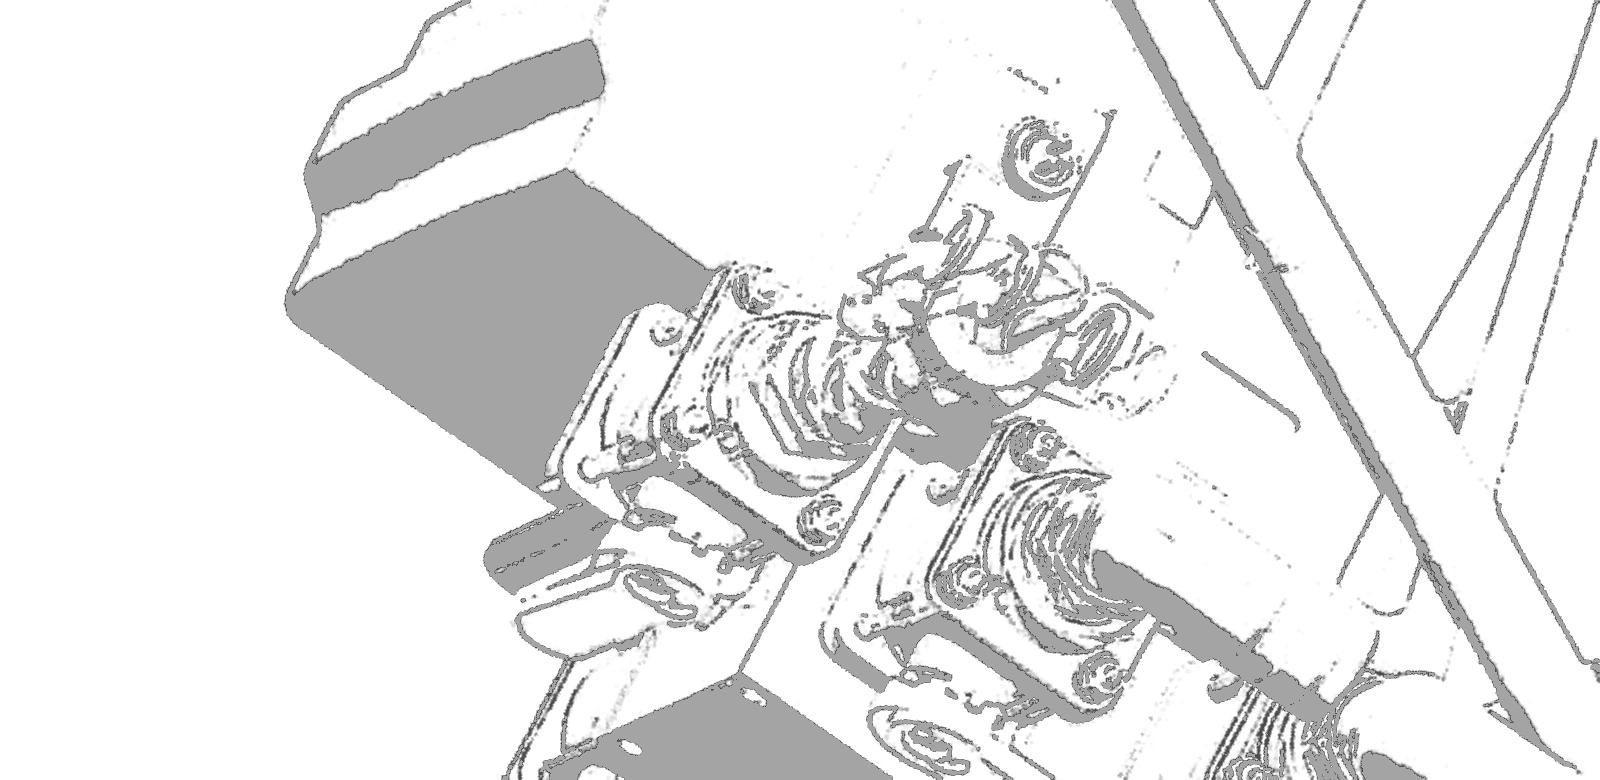 module-2